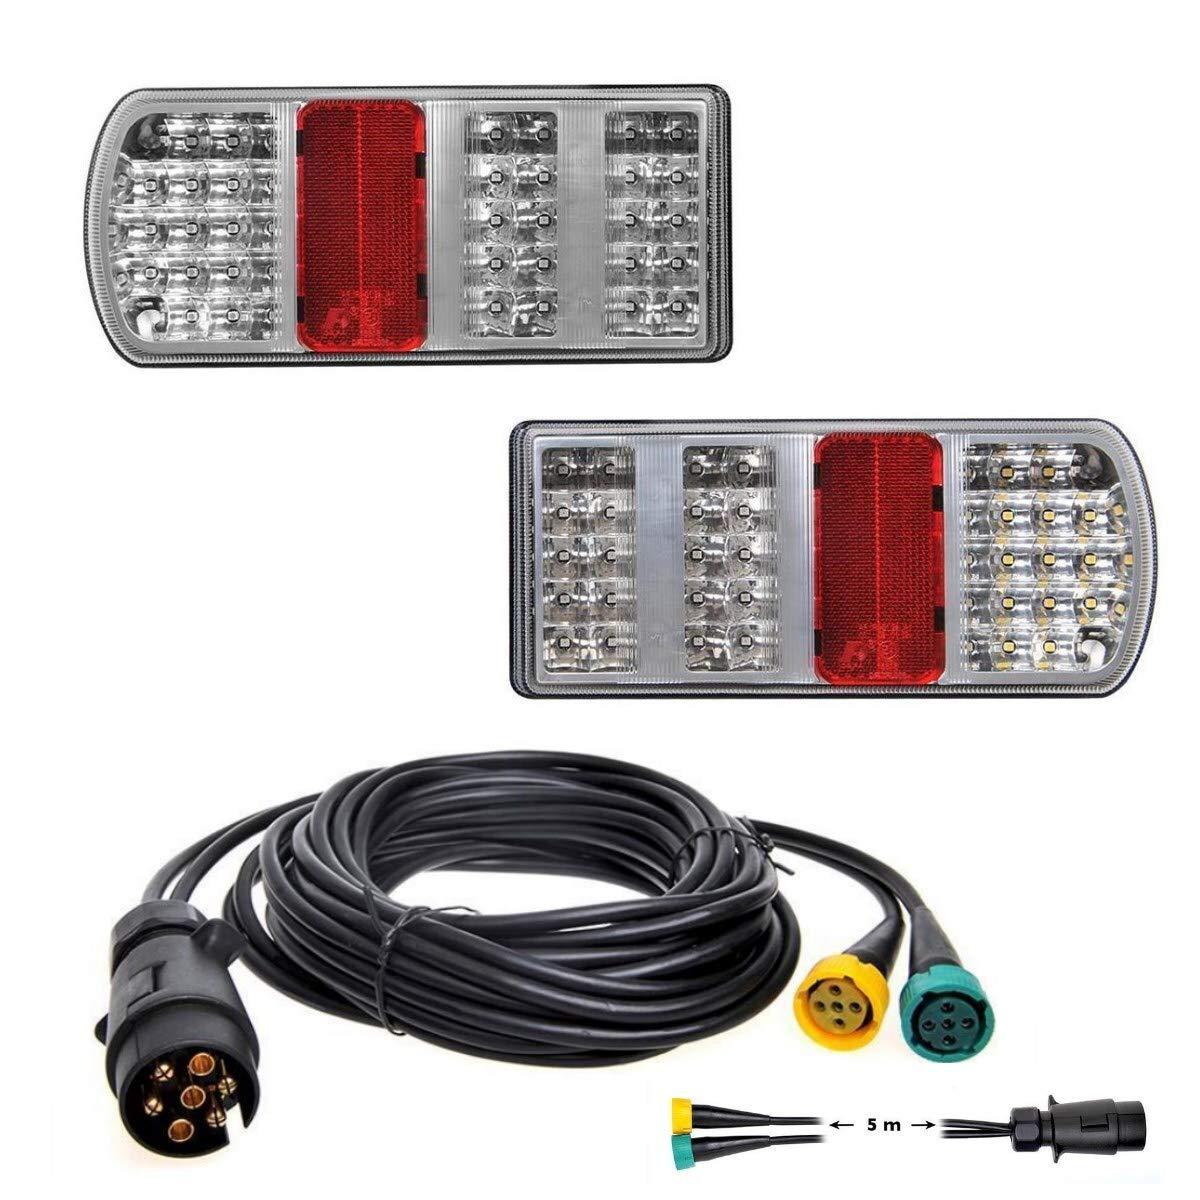 Kabelsatz 5m mit 7-polig Stecker LED R/ückleuchten Set Anh/änger inkl